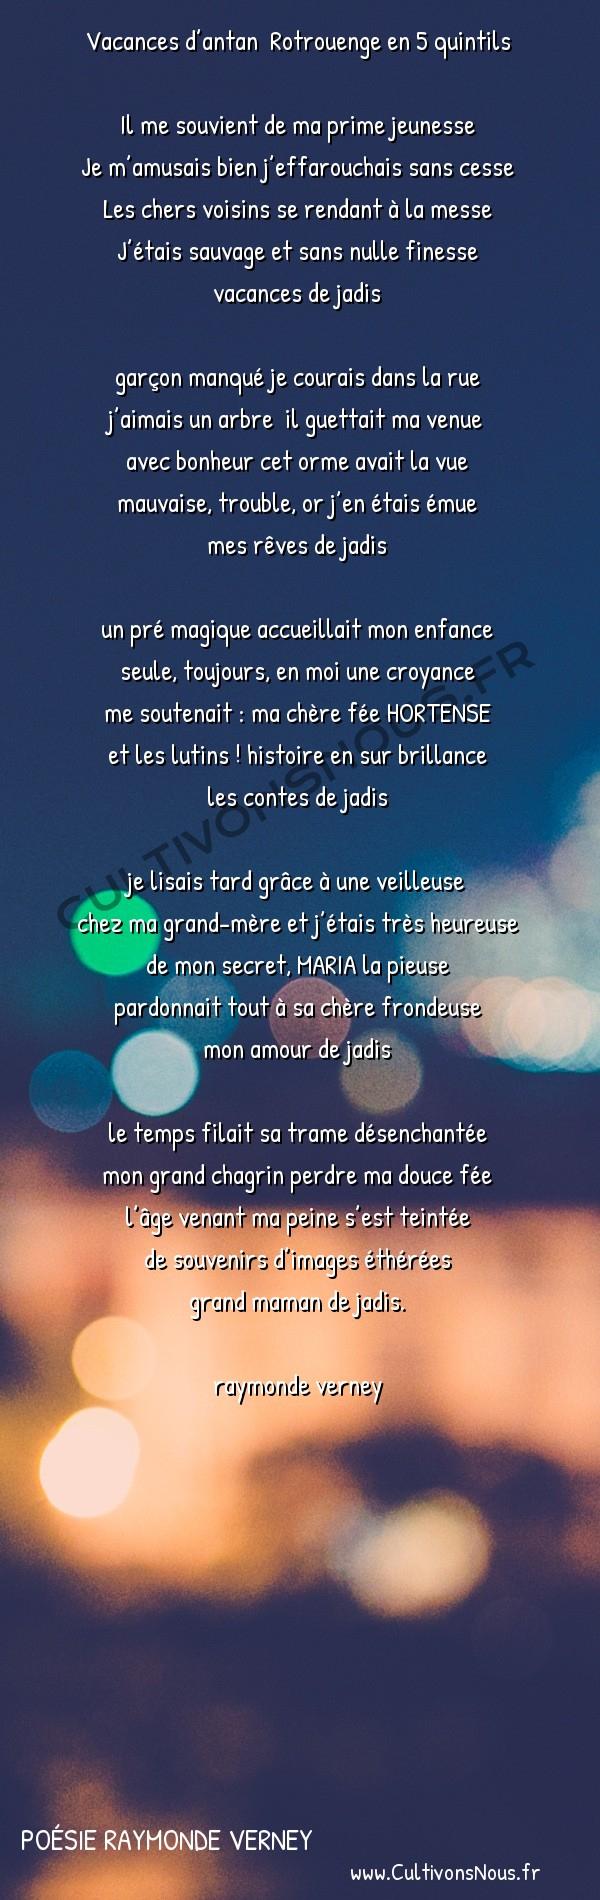 Vacances D'antan Rotrouenge En 5 Quintils - Poésie destiné Vacances Poesie